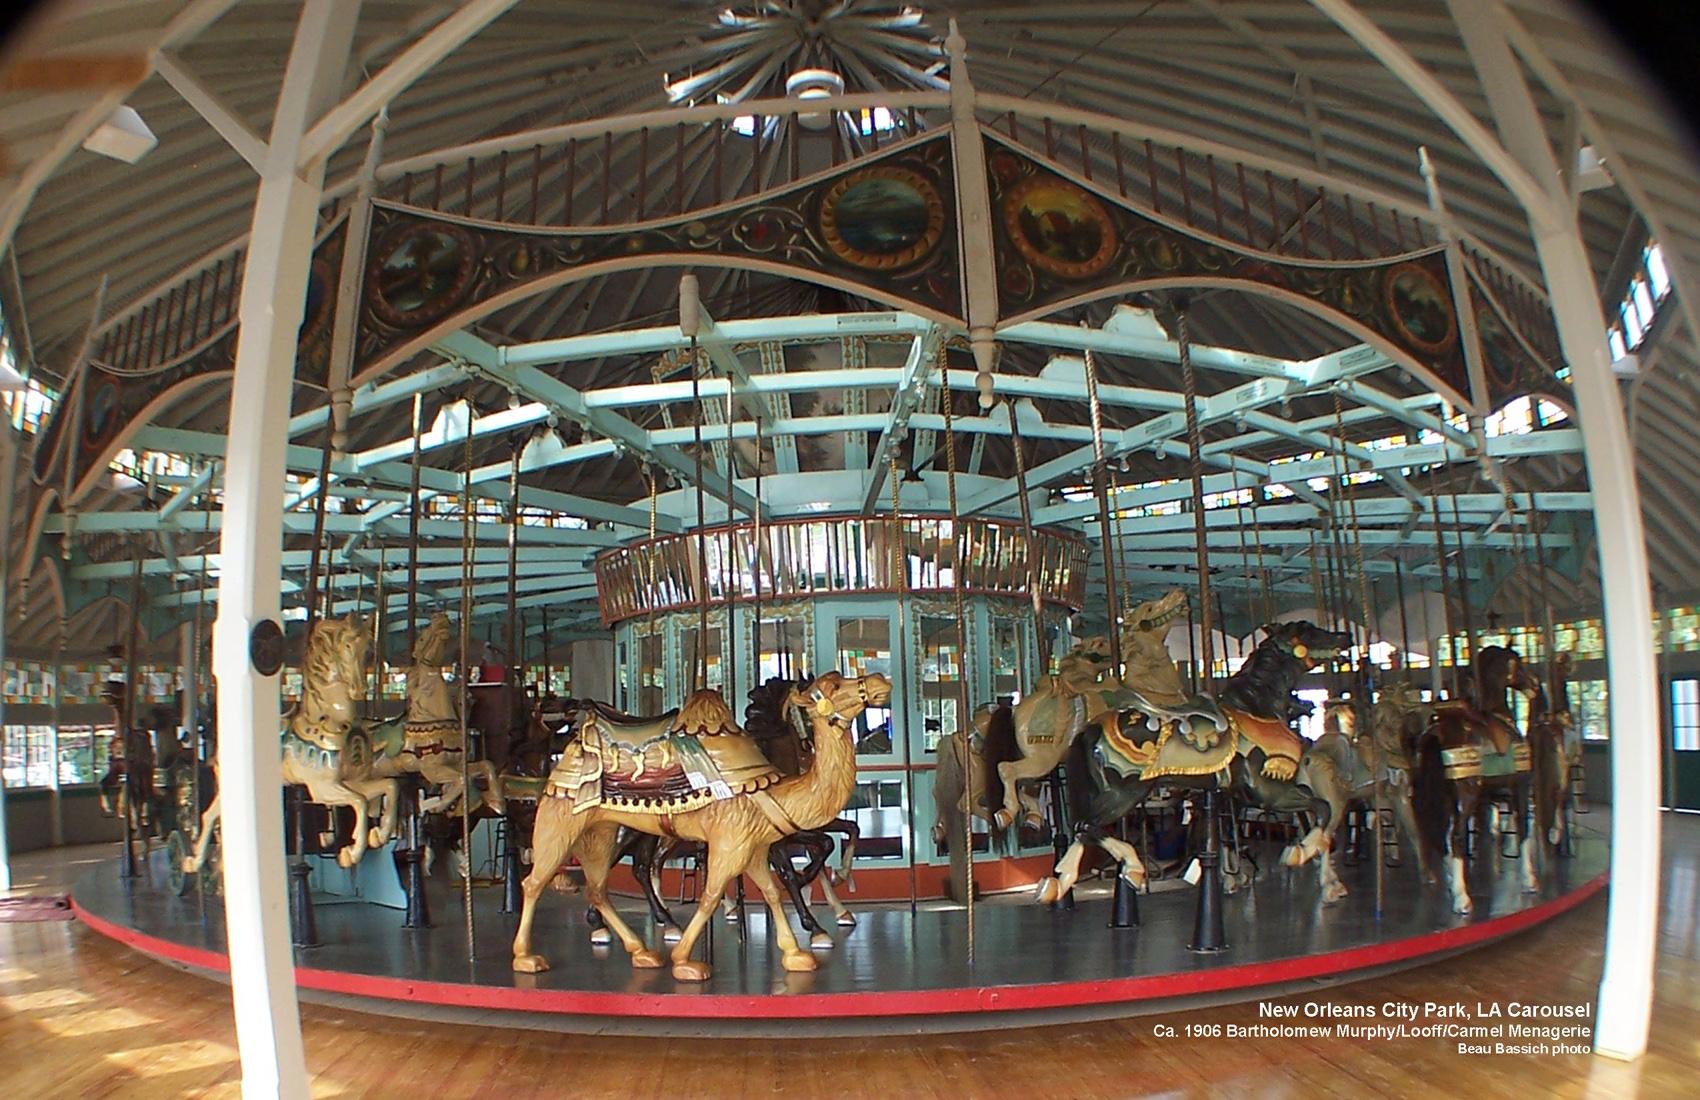 Cn Amp T Center Photo Archives Carouselhistory